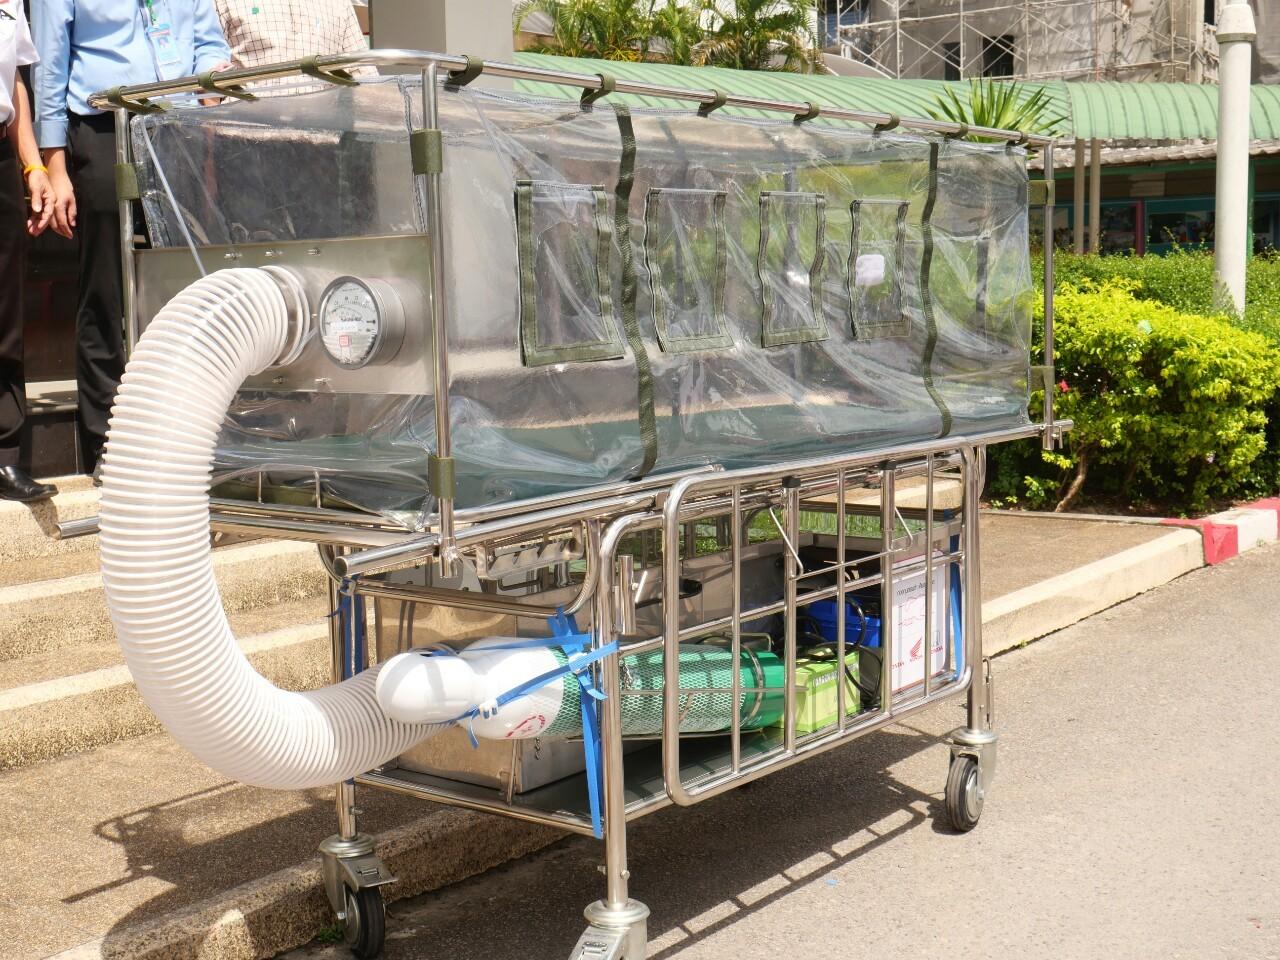 ส่งมอบเตียงเคลื่อนย้ายผู้ป่วยแรงดันลบและอุปกรณ์ทางการแพทย์